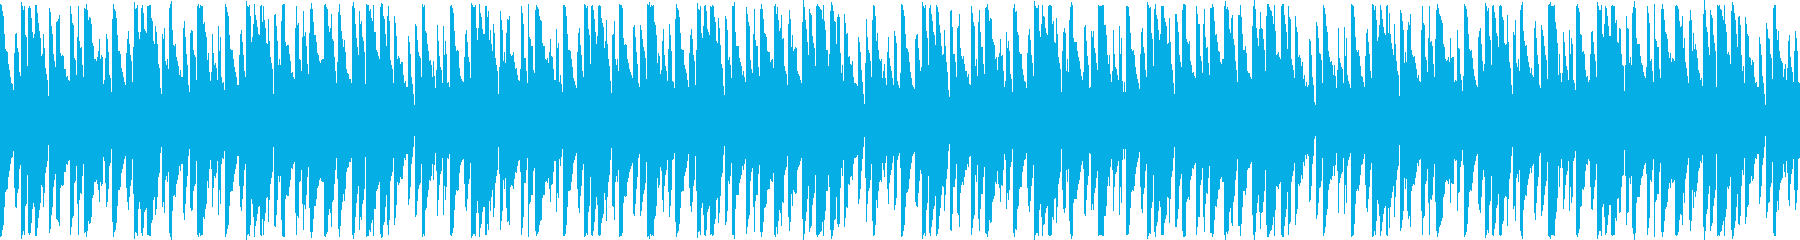 南国風にぎやかでわいわいした感じのBGMの再生済みの波形